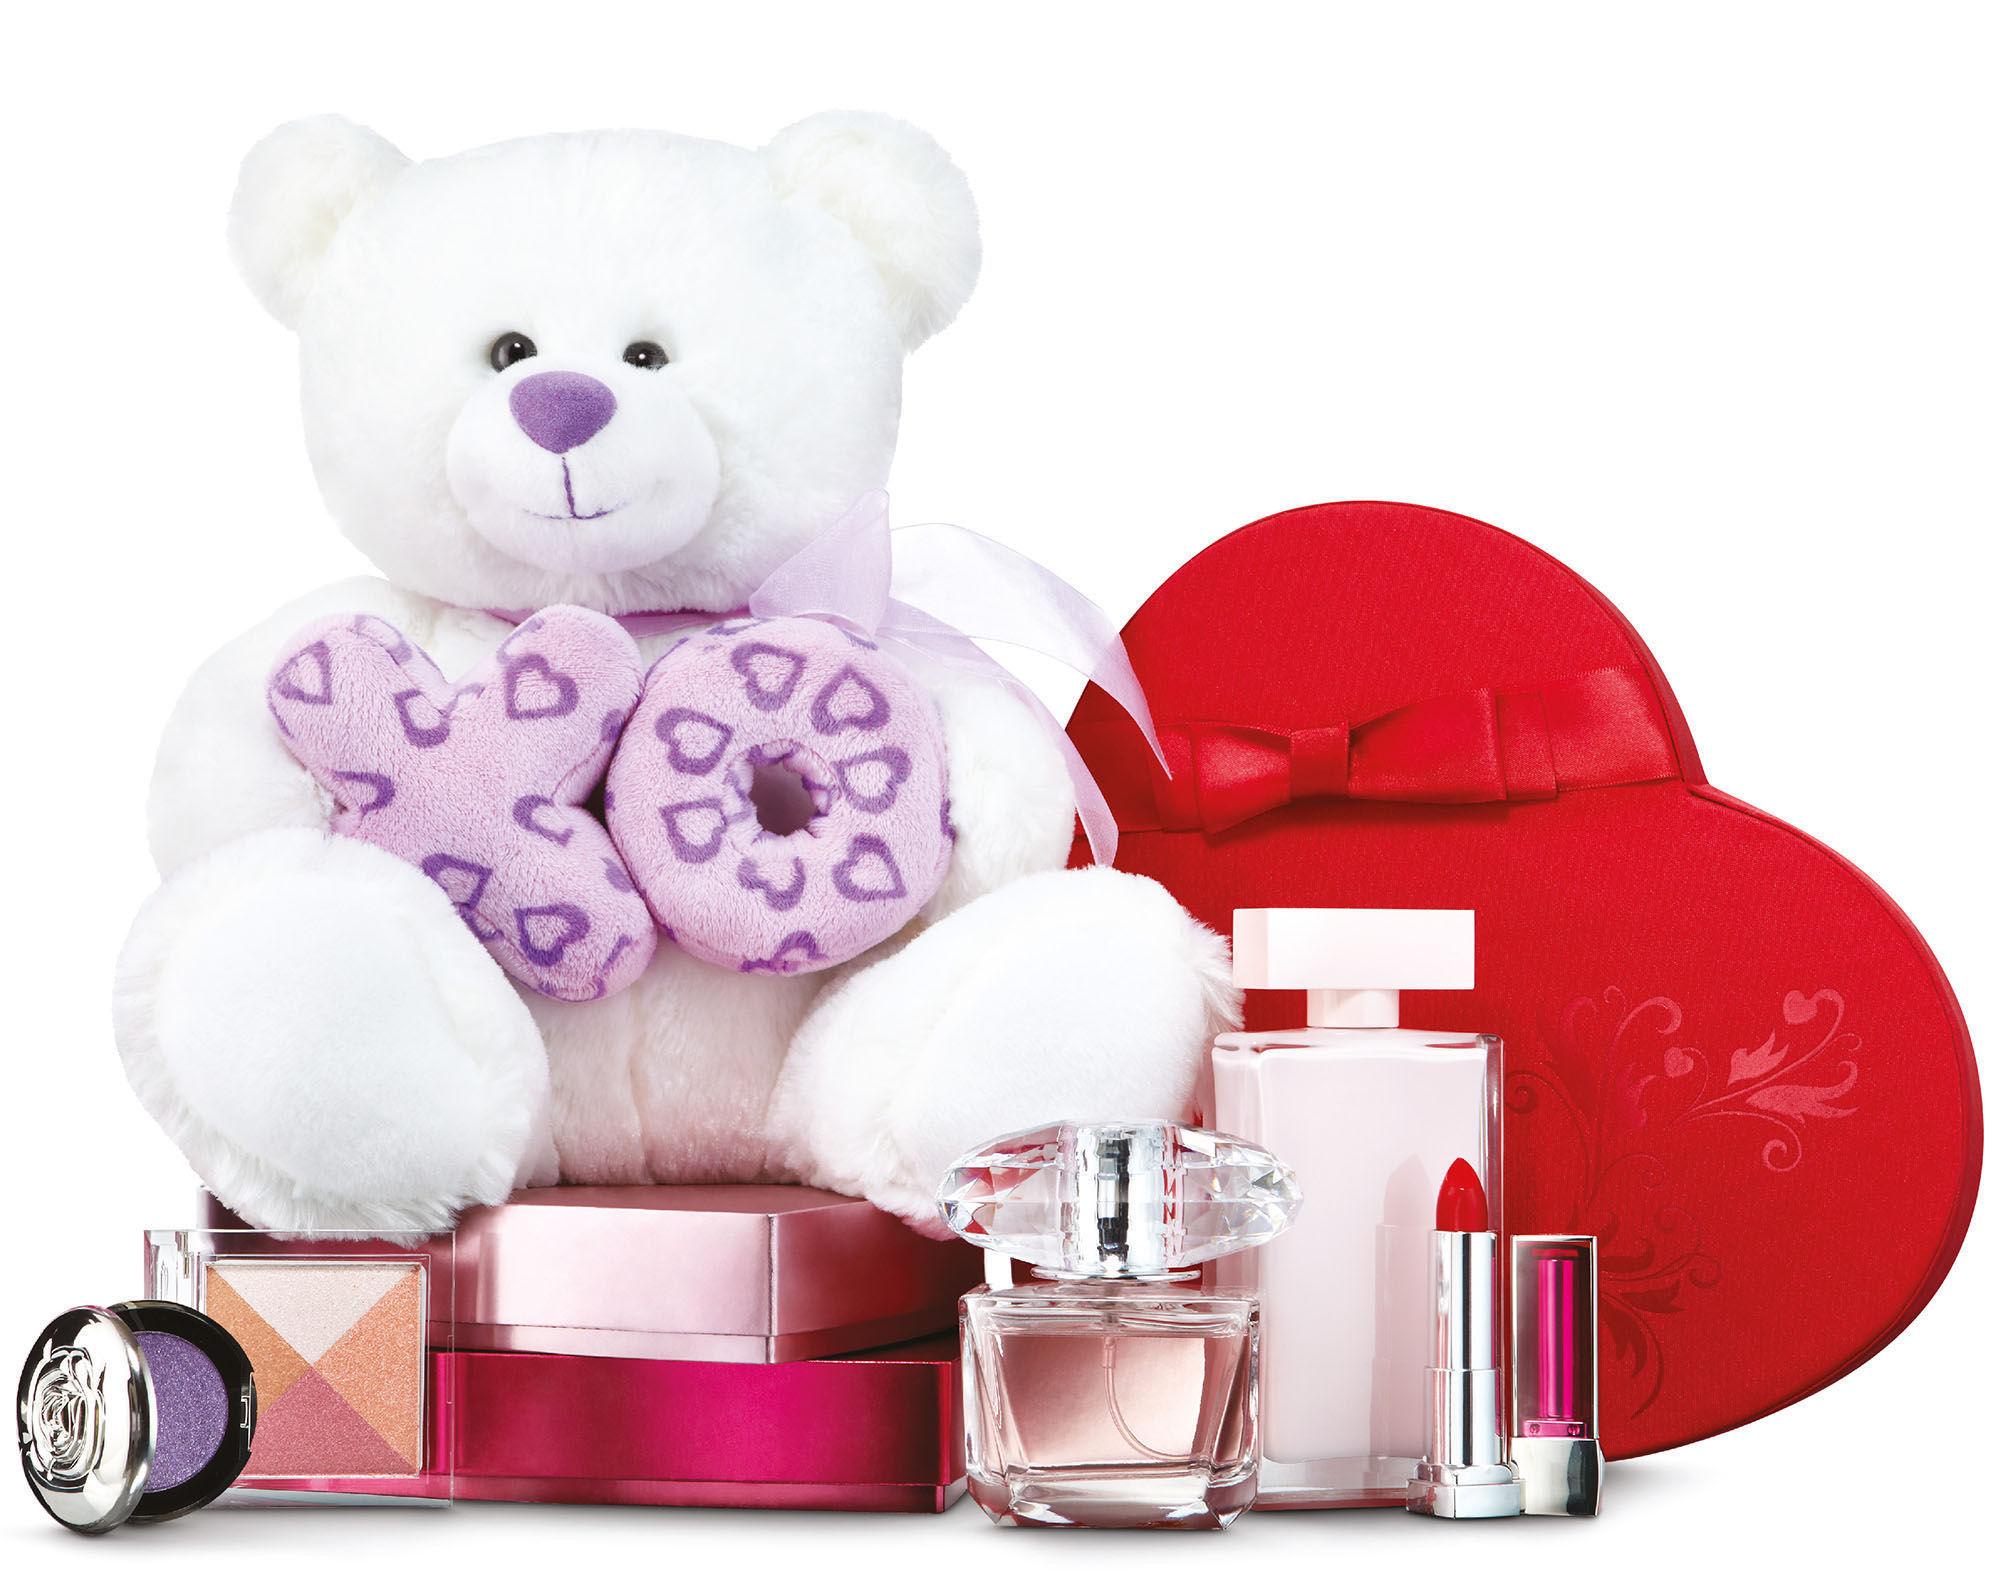 Fonds d 39 cran st valentin cadeau maximumwallhd - Cadeau maison saint valentin ...